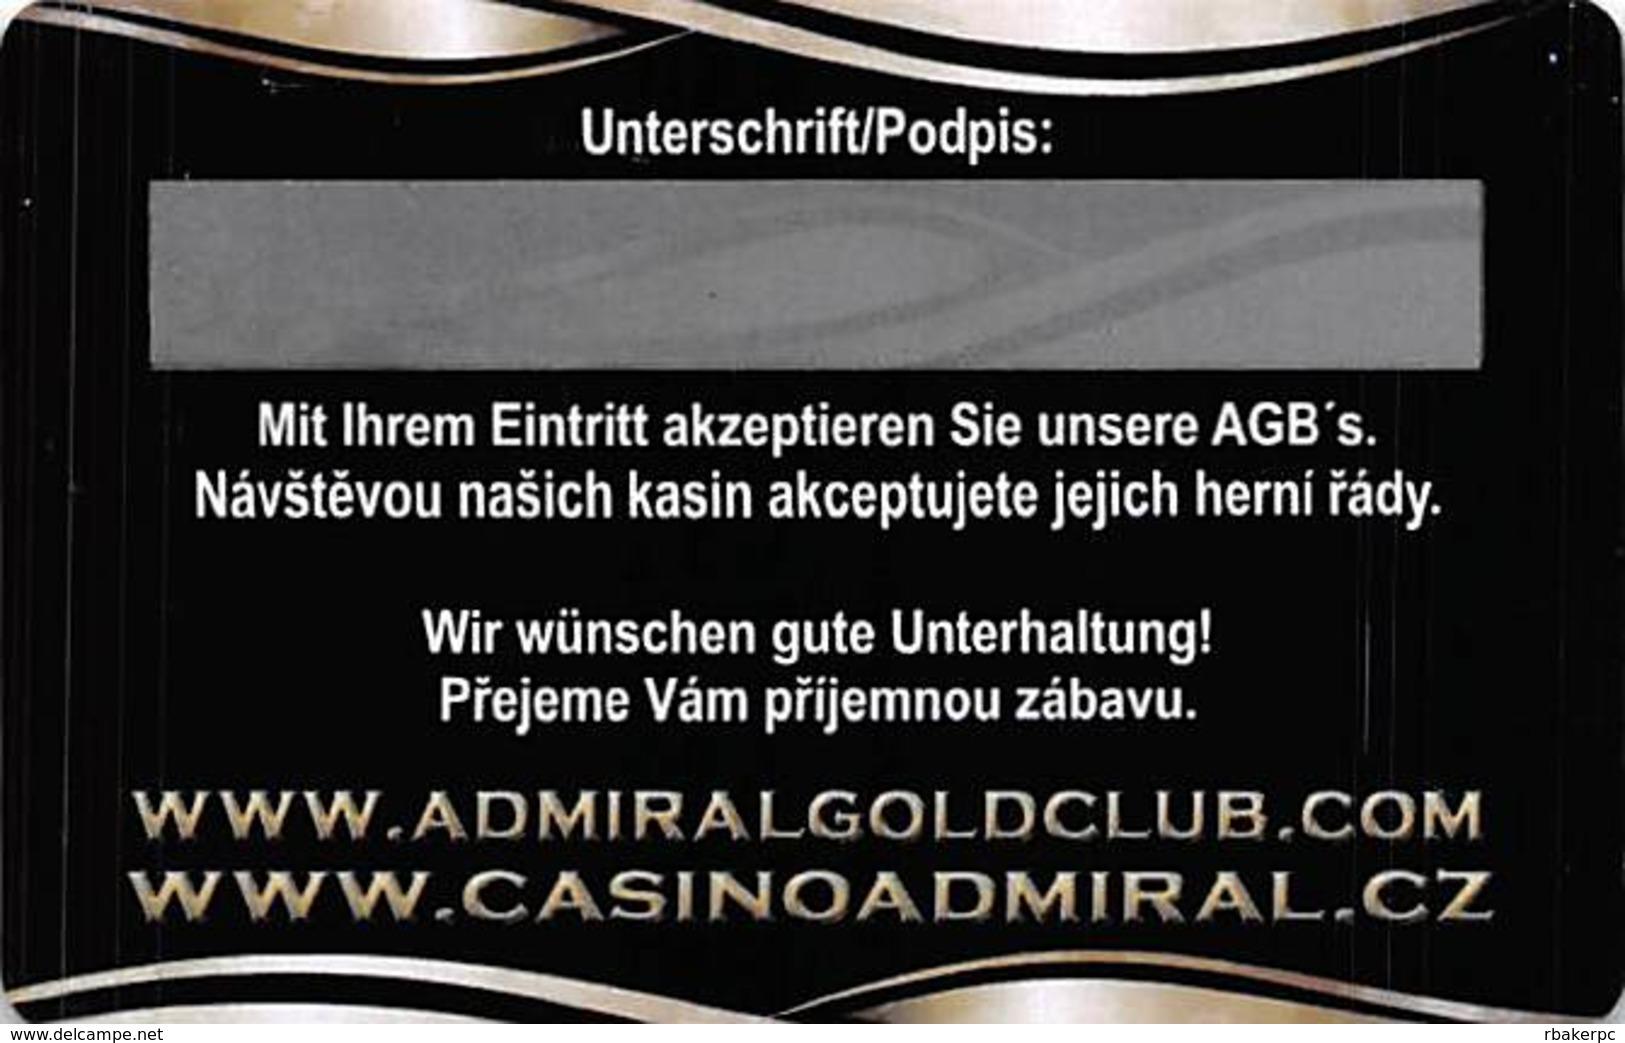 Casino Admiral Czech Republic - Slot Card   .....[FSC]..... - Casino Cards